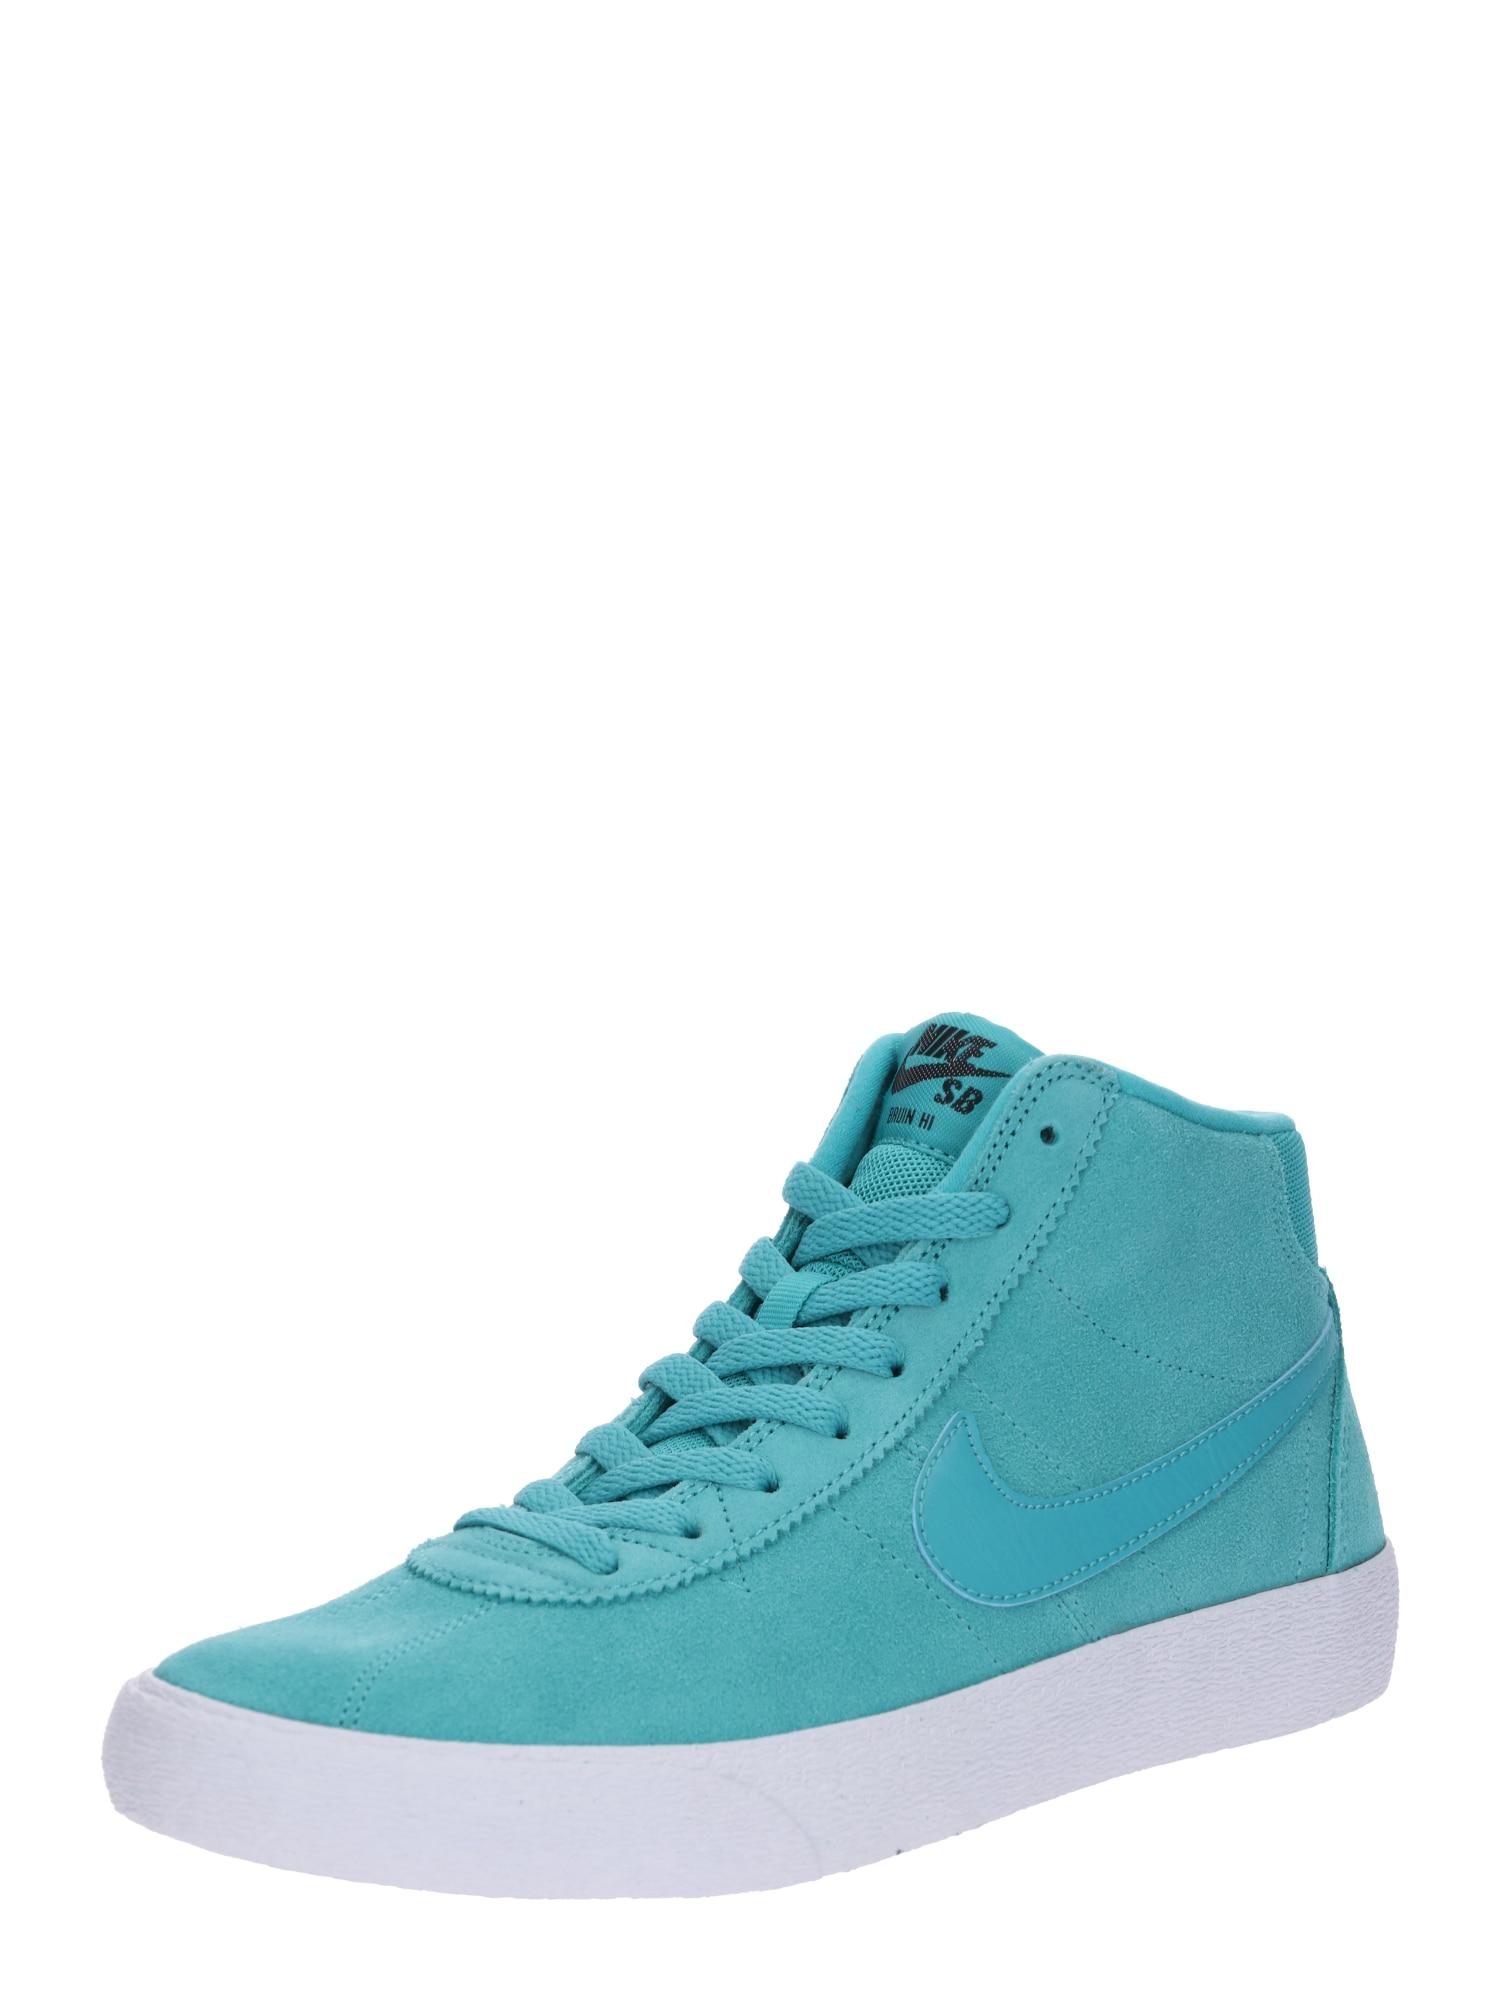 Kotníkové tenisky Bruin Hi Skateboarding Shoe modrá tyrkysová Nike SB